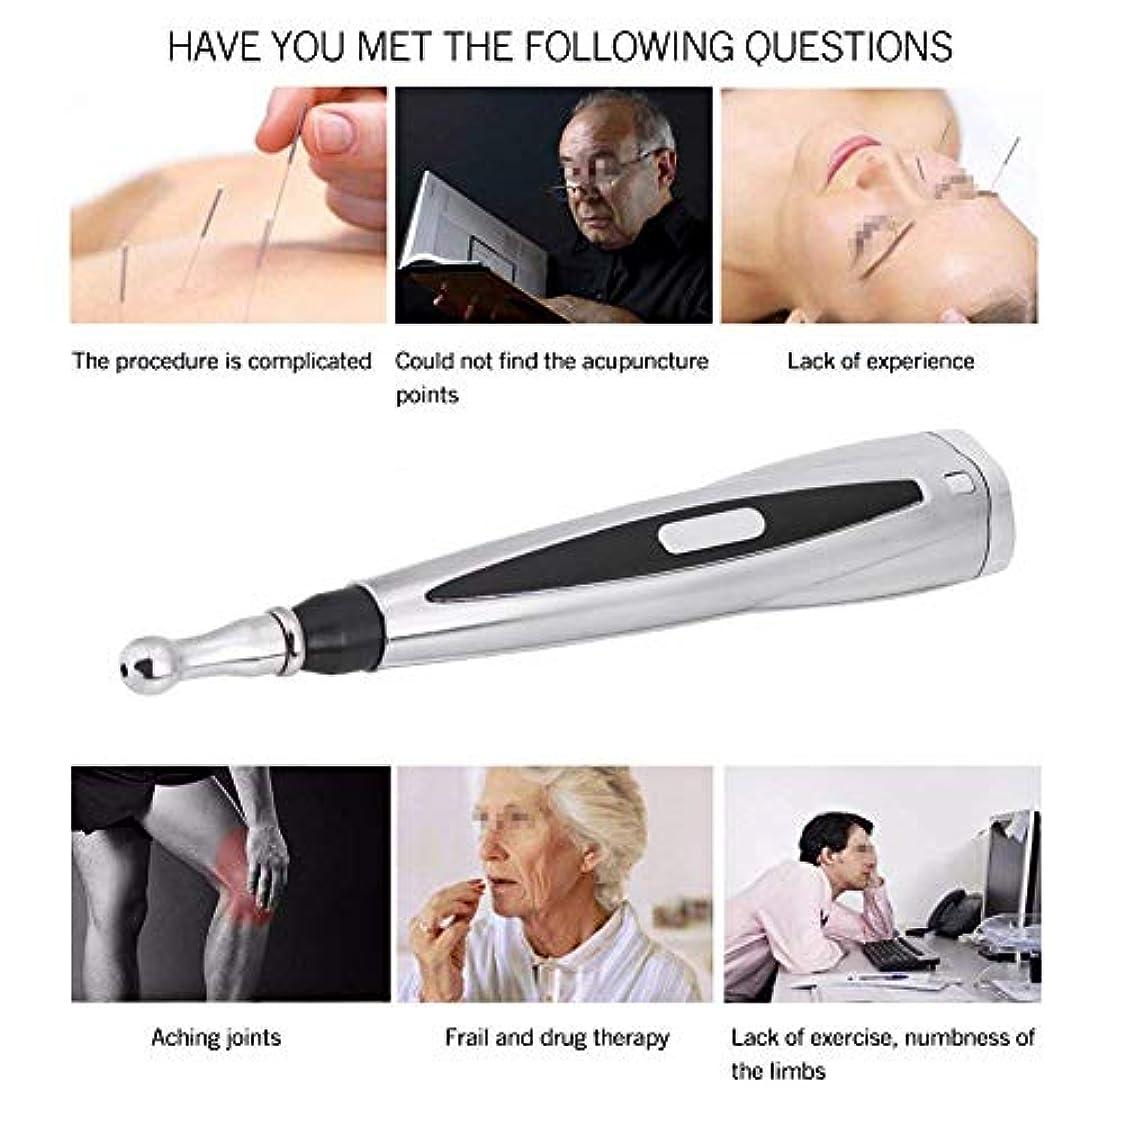 外科医どっちでも故意の携帯用電子針, 型マッサージ電子鍼 電気パ, ツボ押し 電動マッサージペン ペン, 鍼灸マッサージャー 足裏 棒 マッサージ